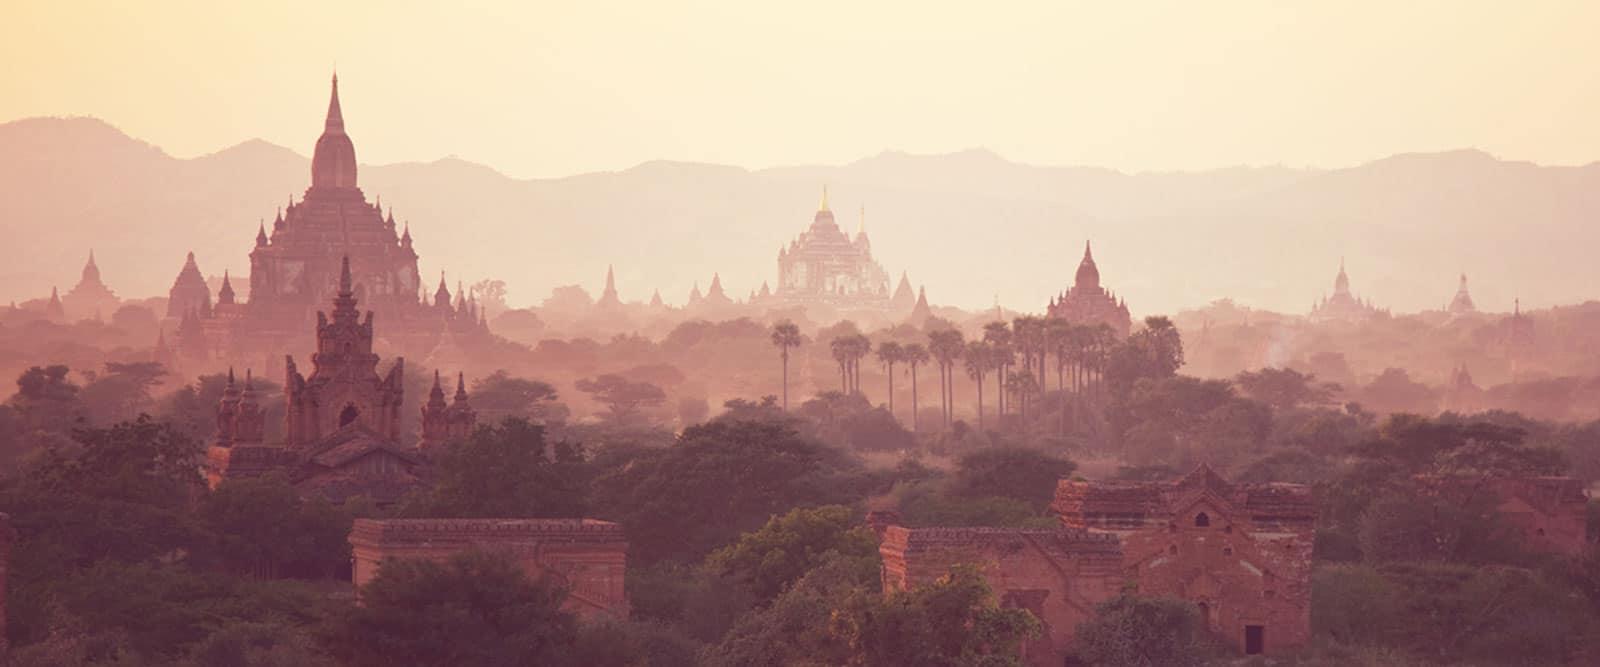 Sonnenuntergang in Myanmar - Tor zur Seele